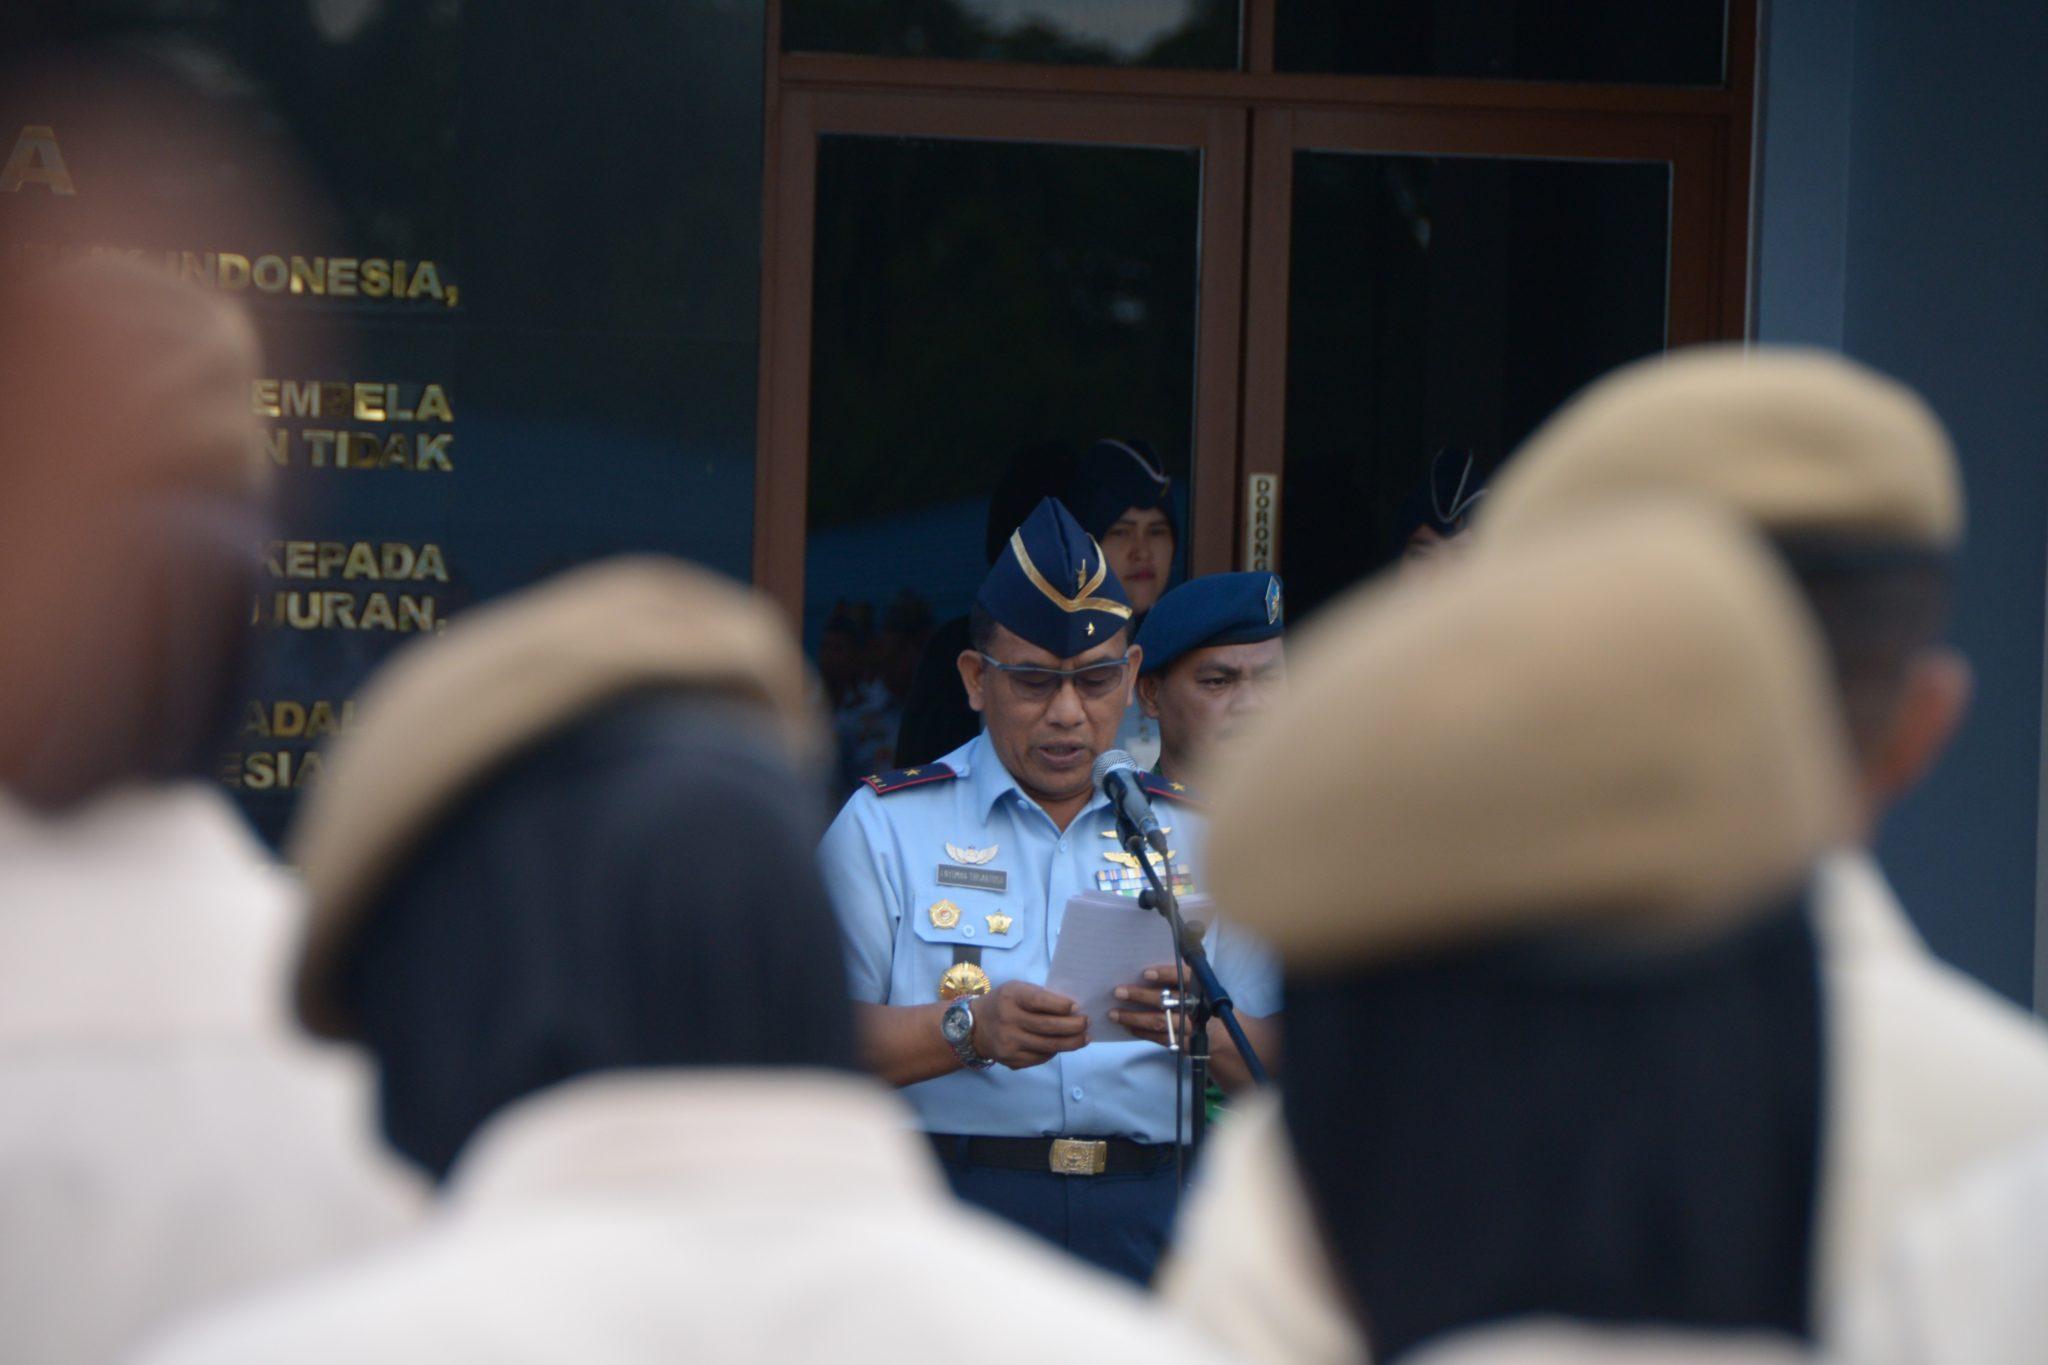 """KASAU : """"Apresiasi Kondisi Zero Accident dalam Tahun 2018 Untuk TNI AU"""""""